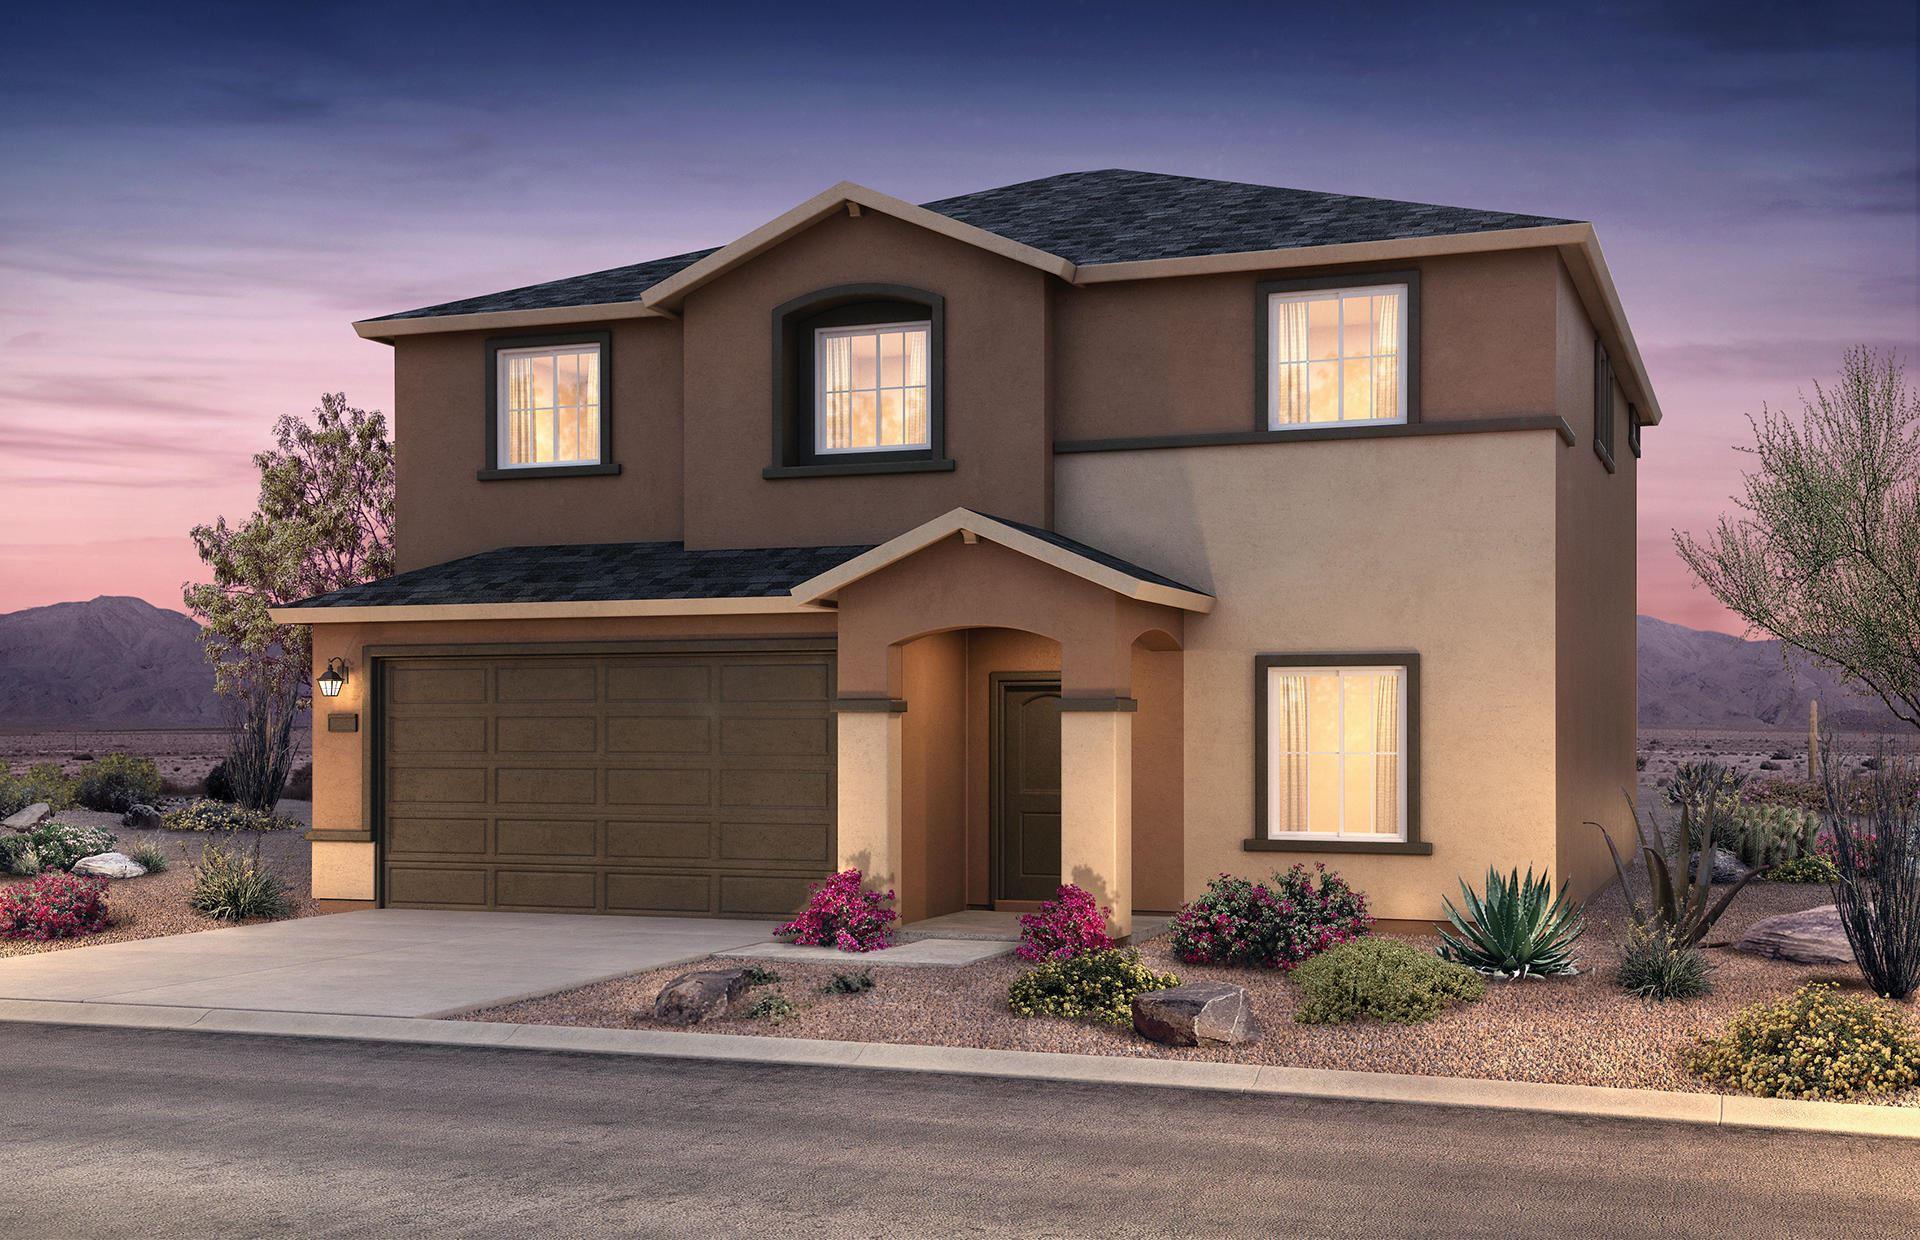 Photo for 18264 N Desert WIllow Drive, Maricopa, AZ 85138 (MLS # 6227117)